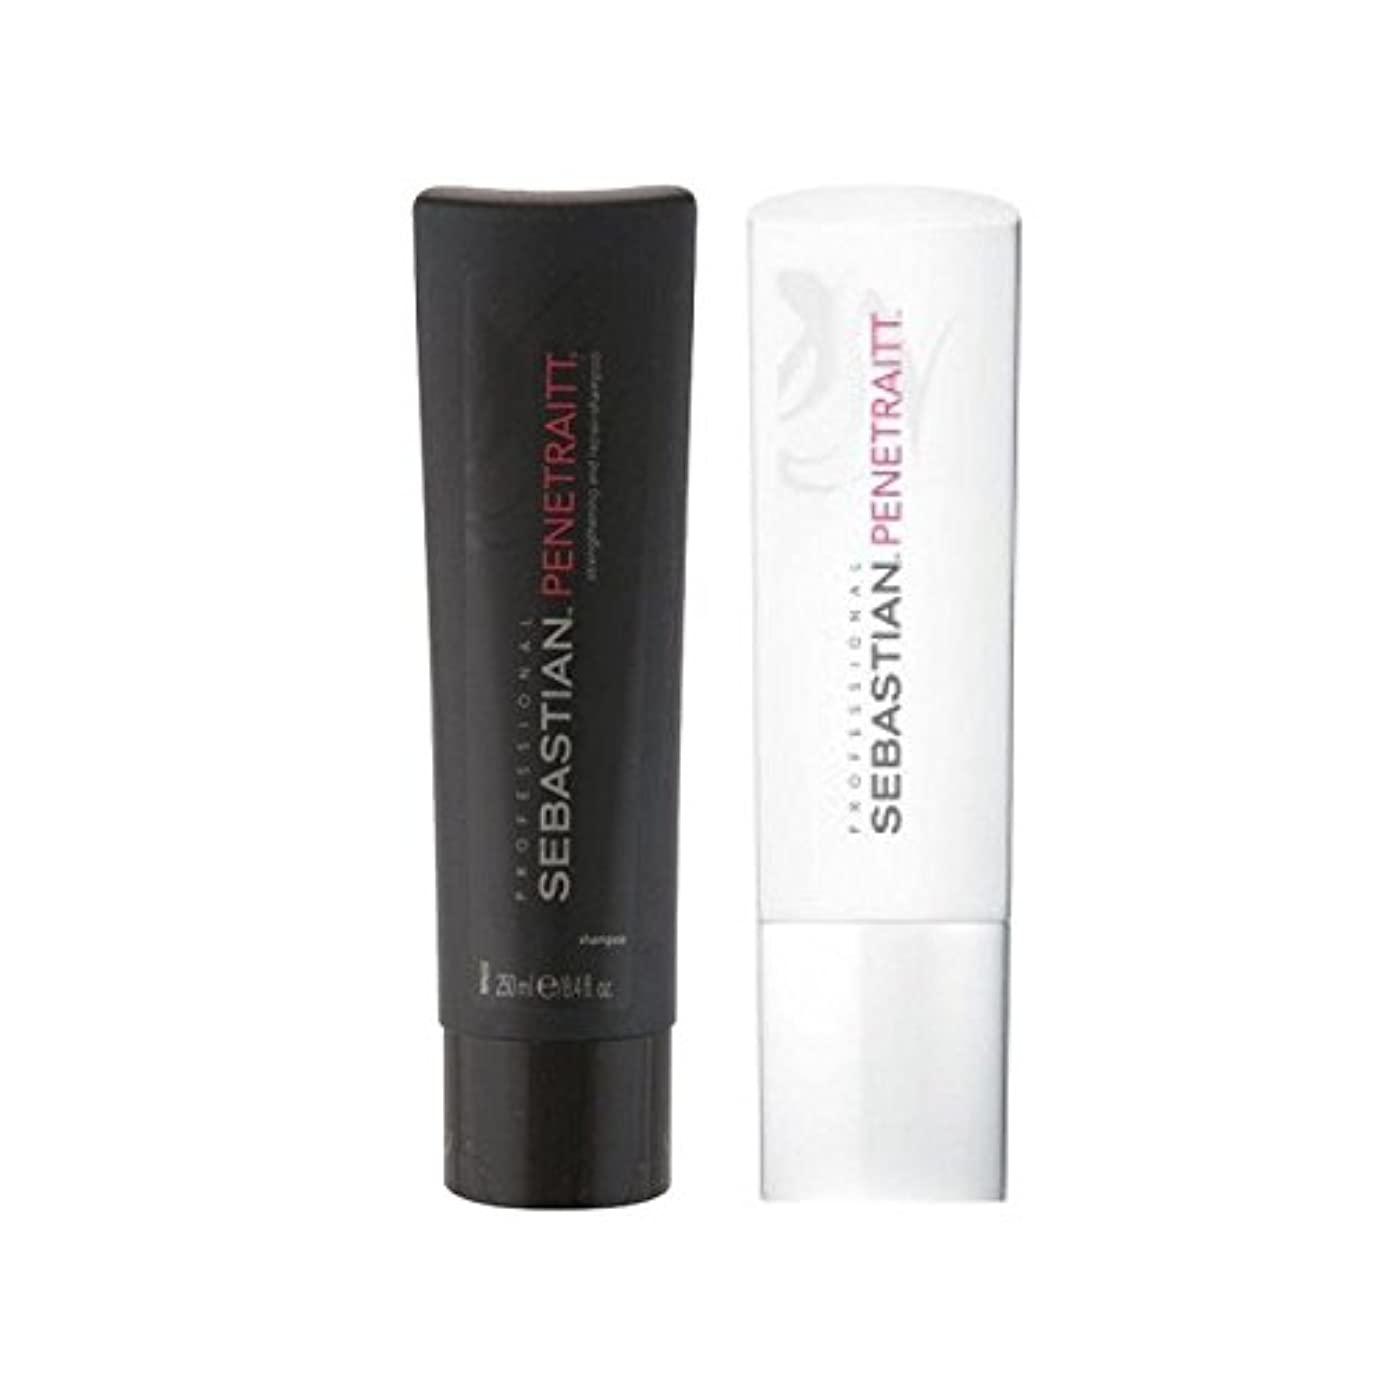 シャンパン期待して拡声器Sebastian Professional Penetraitt Duo - Shampoo & Conditioner (Pack of 6) - セバスチャンプロデュオ - シャンプー&コンディショナー x6 [並行輸入品]